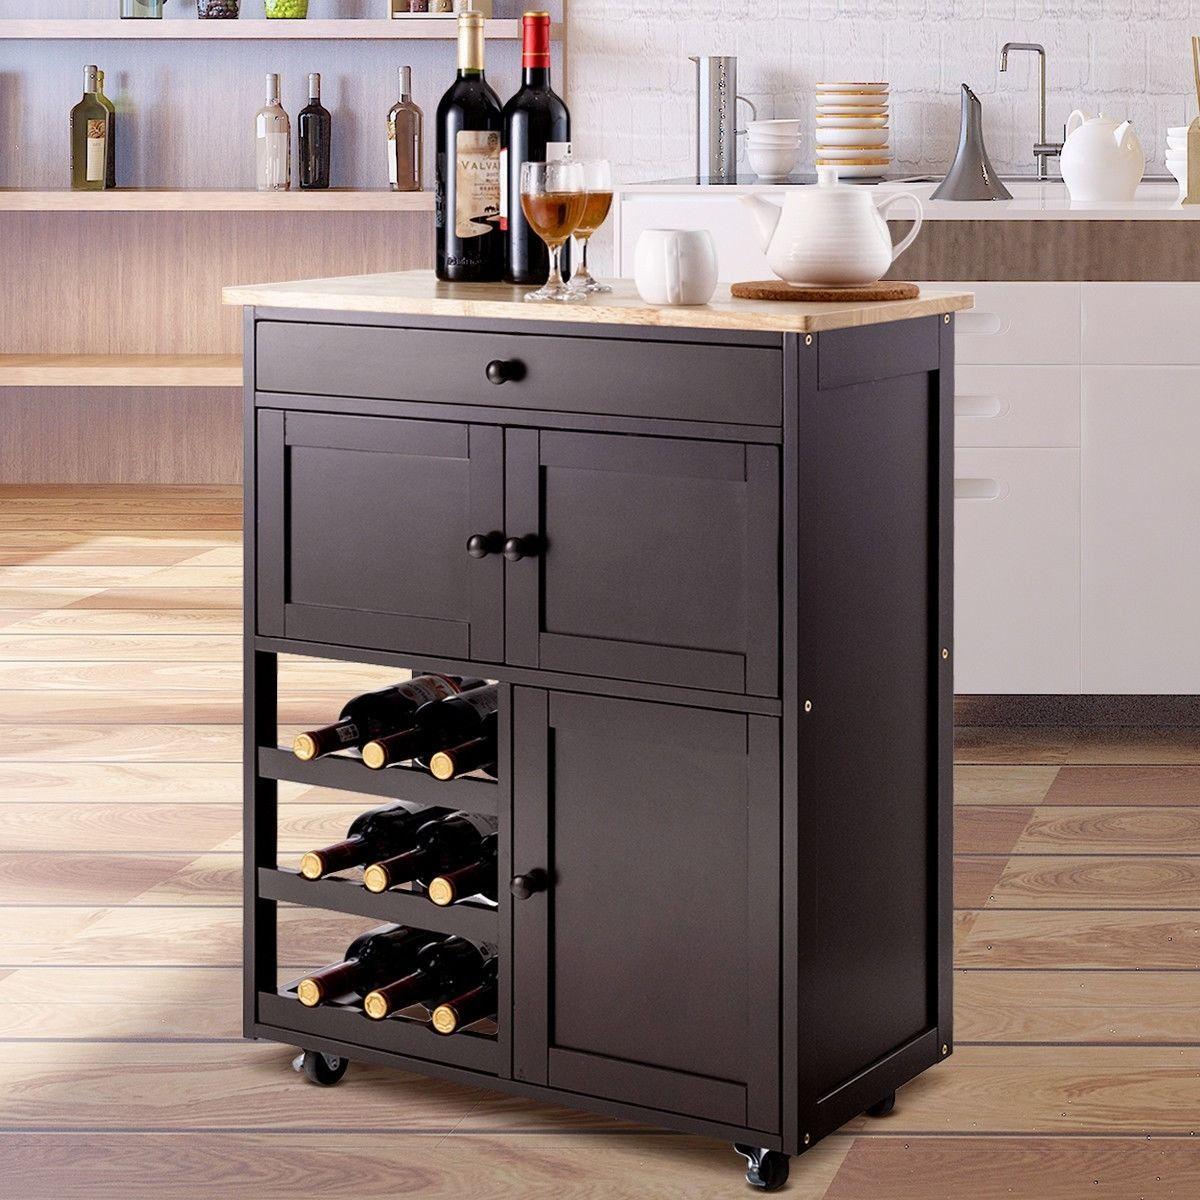 Modern Rolling Storage Kitchen Cart With Drawer Kitchen Cart With Drawers Kitchen Cart Kitchen Storage